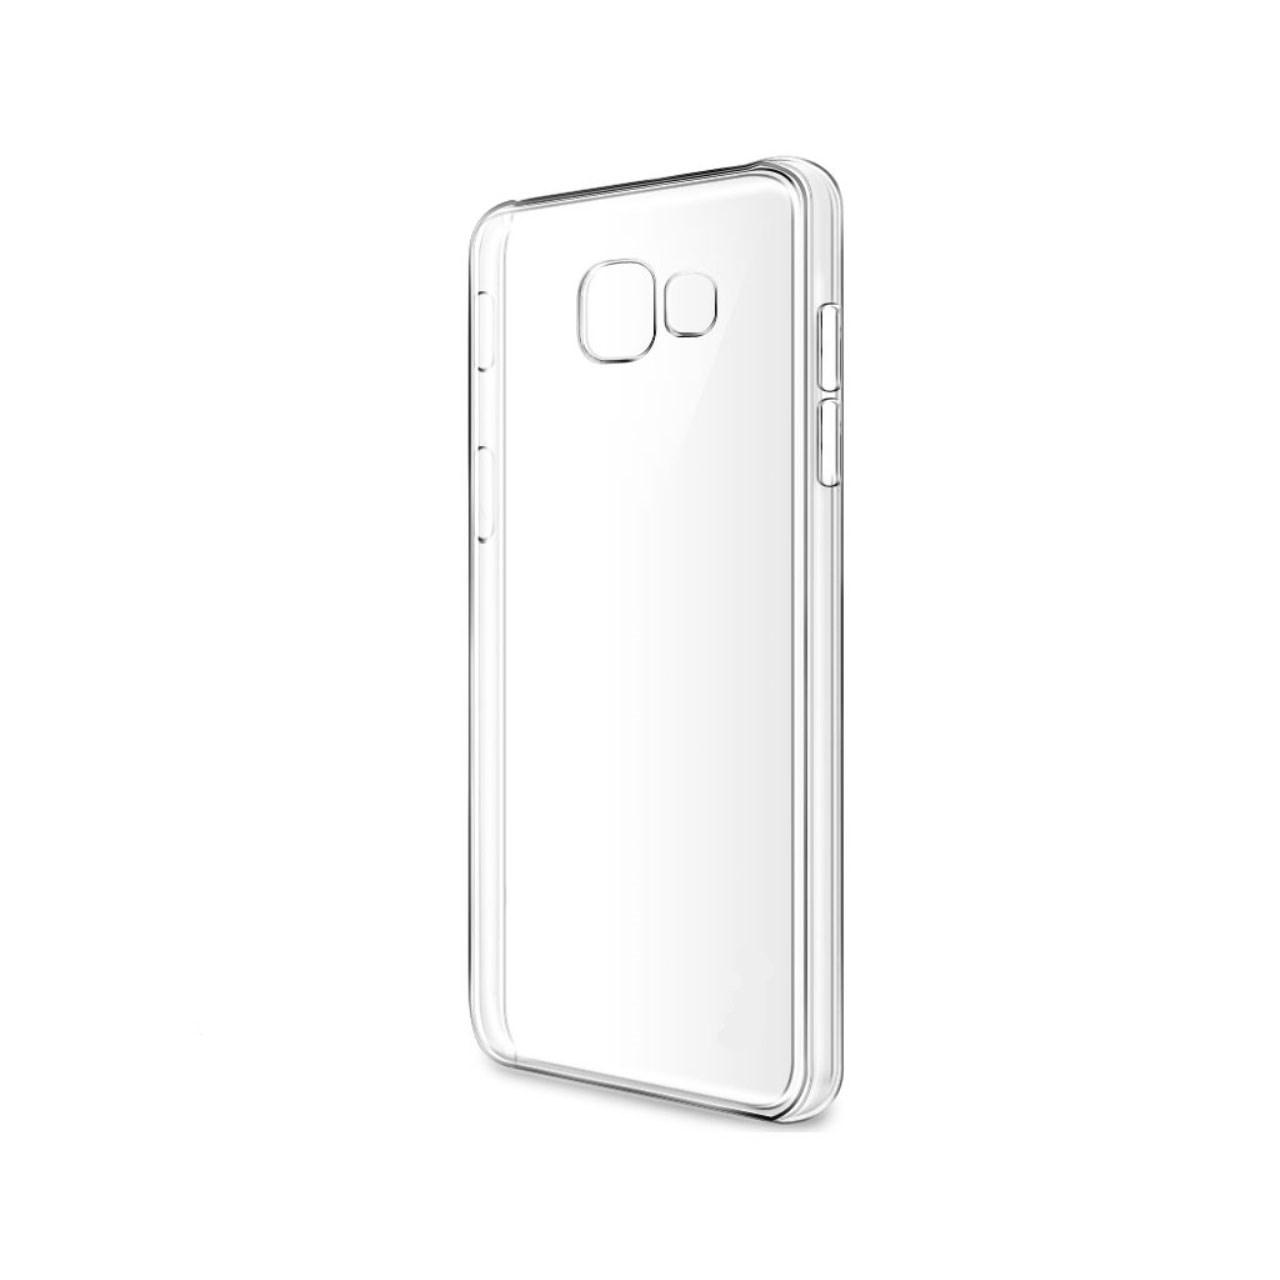 کاور مدل الترا تین مناسب برای گوشی موبایل سامسونگ گلکسیA5-2017              ( قیمت و خرید)